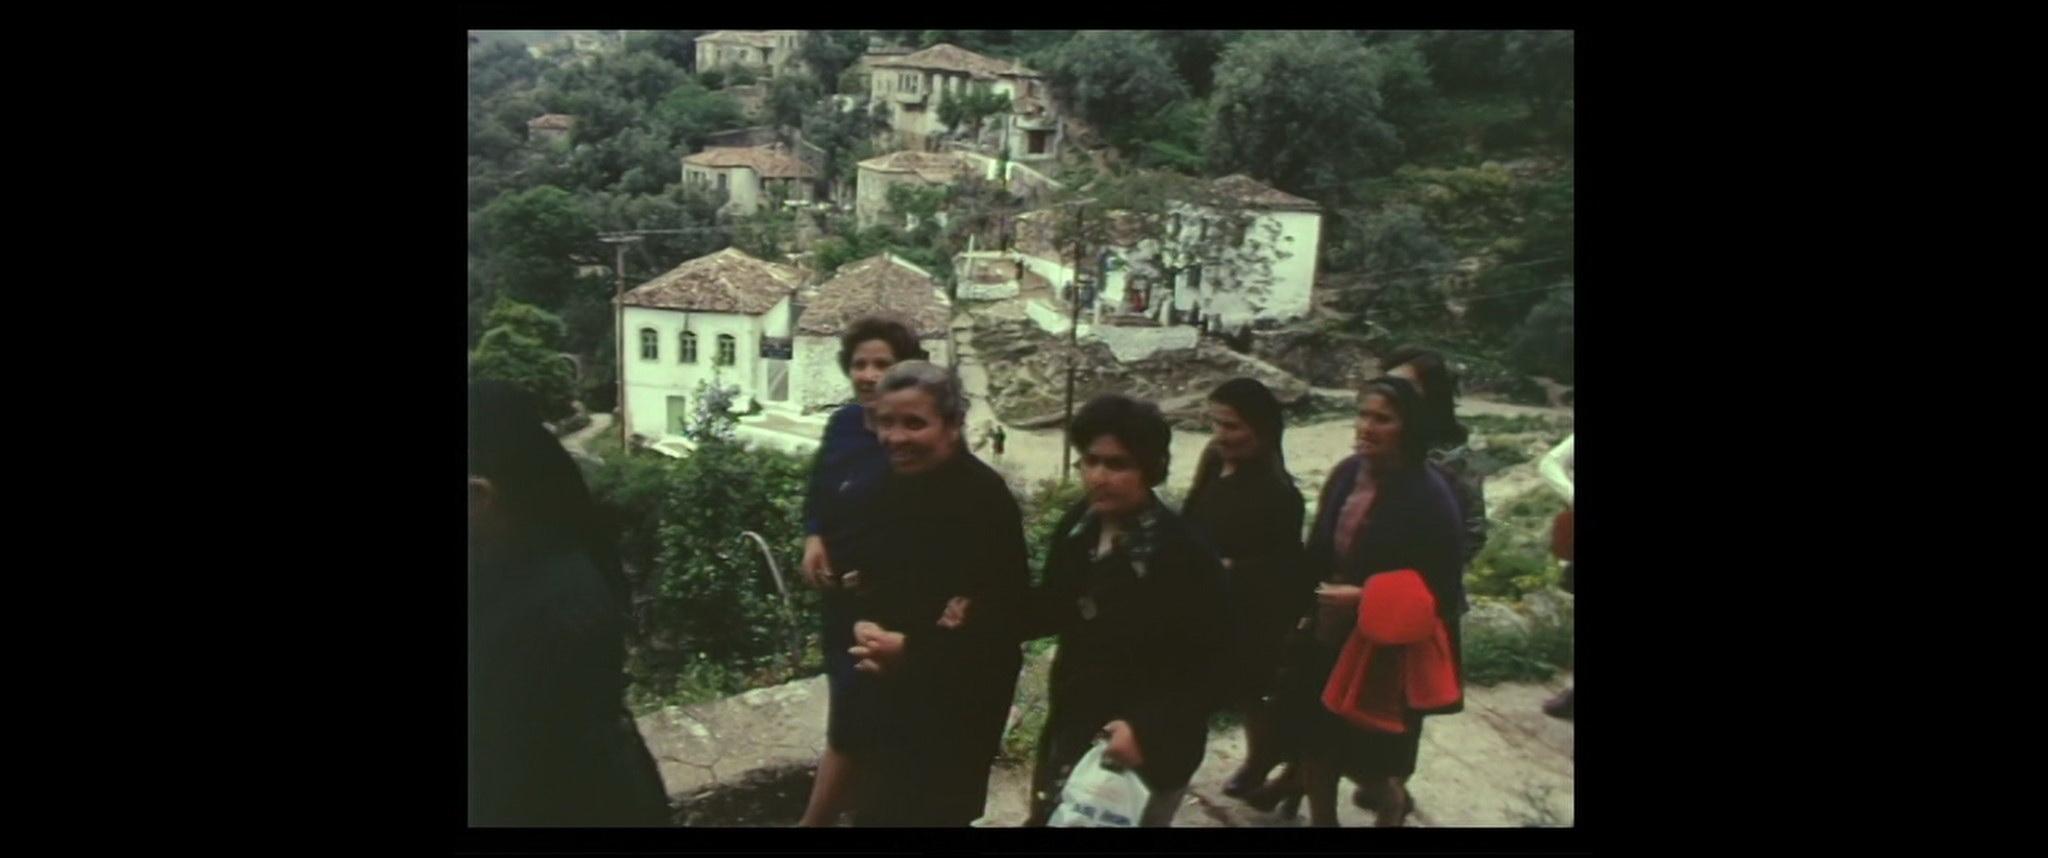 Νίκος Ζιώγας : Το Γιρομέρι στο Φεστιβάλ Κινηματογράφου Θεσσαλονίκης